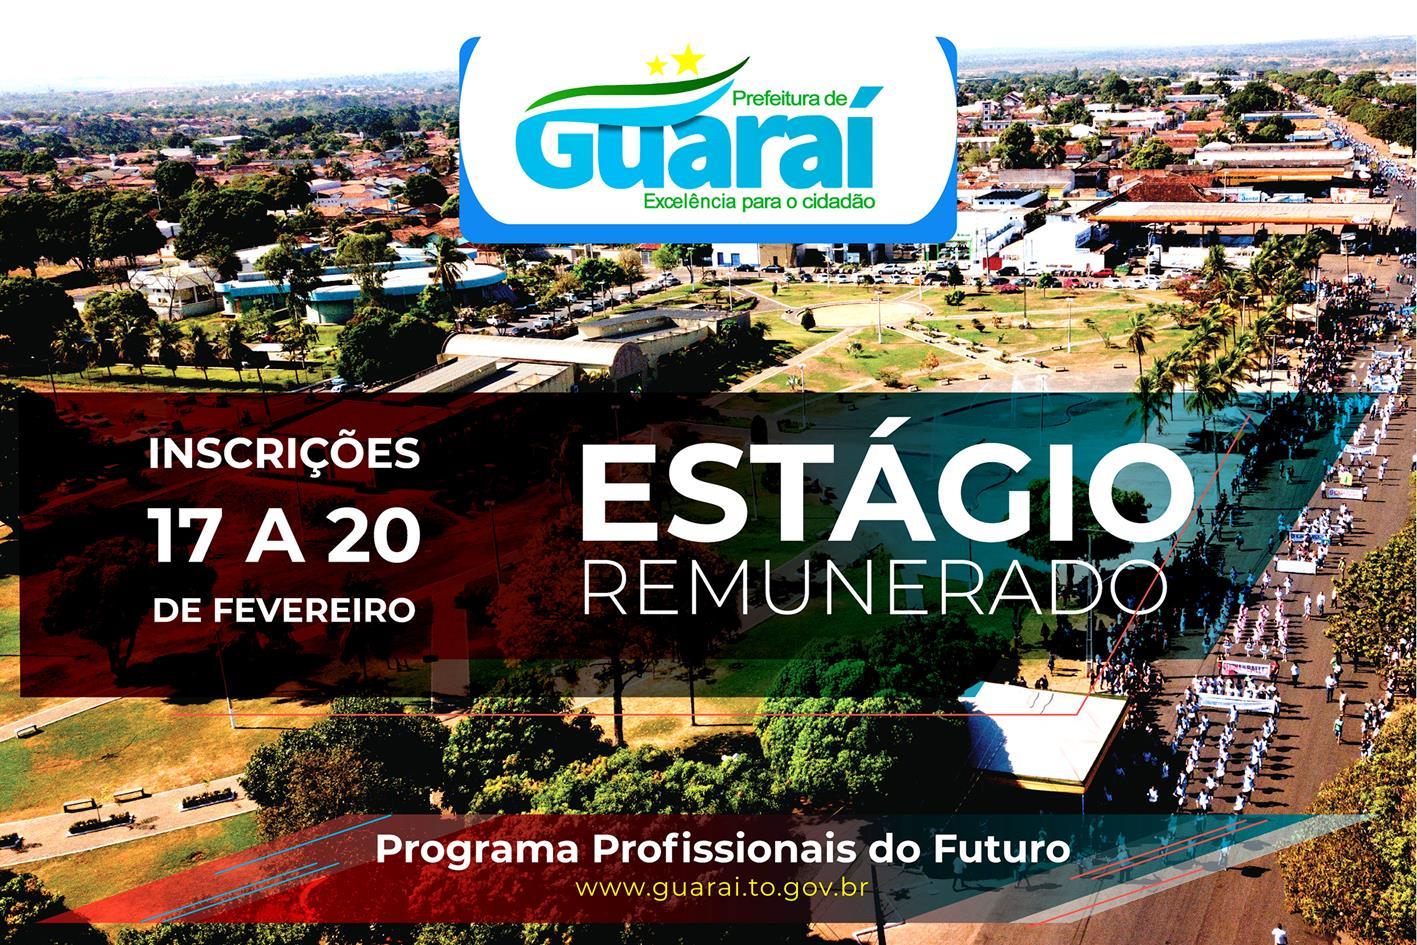 Edital oferta 76 vagas de estágio remunerado (cadastro de reserva) para estudantes de Guaraí